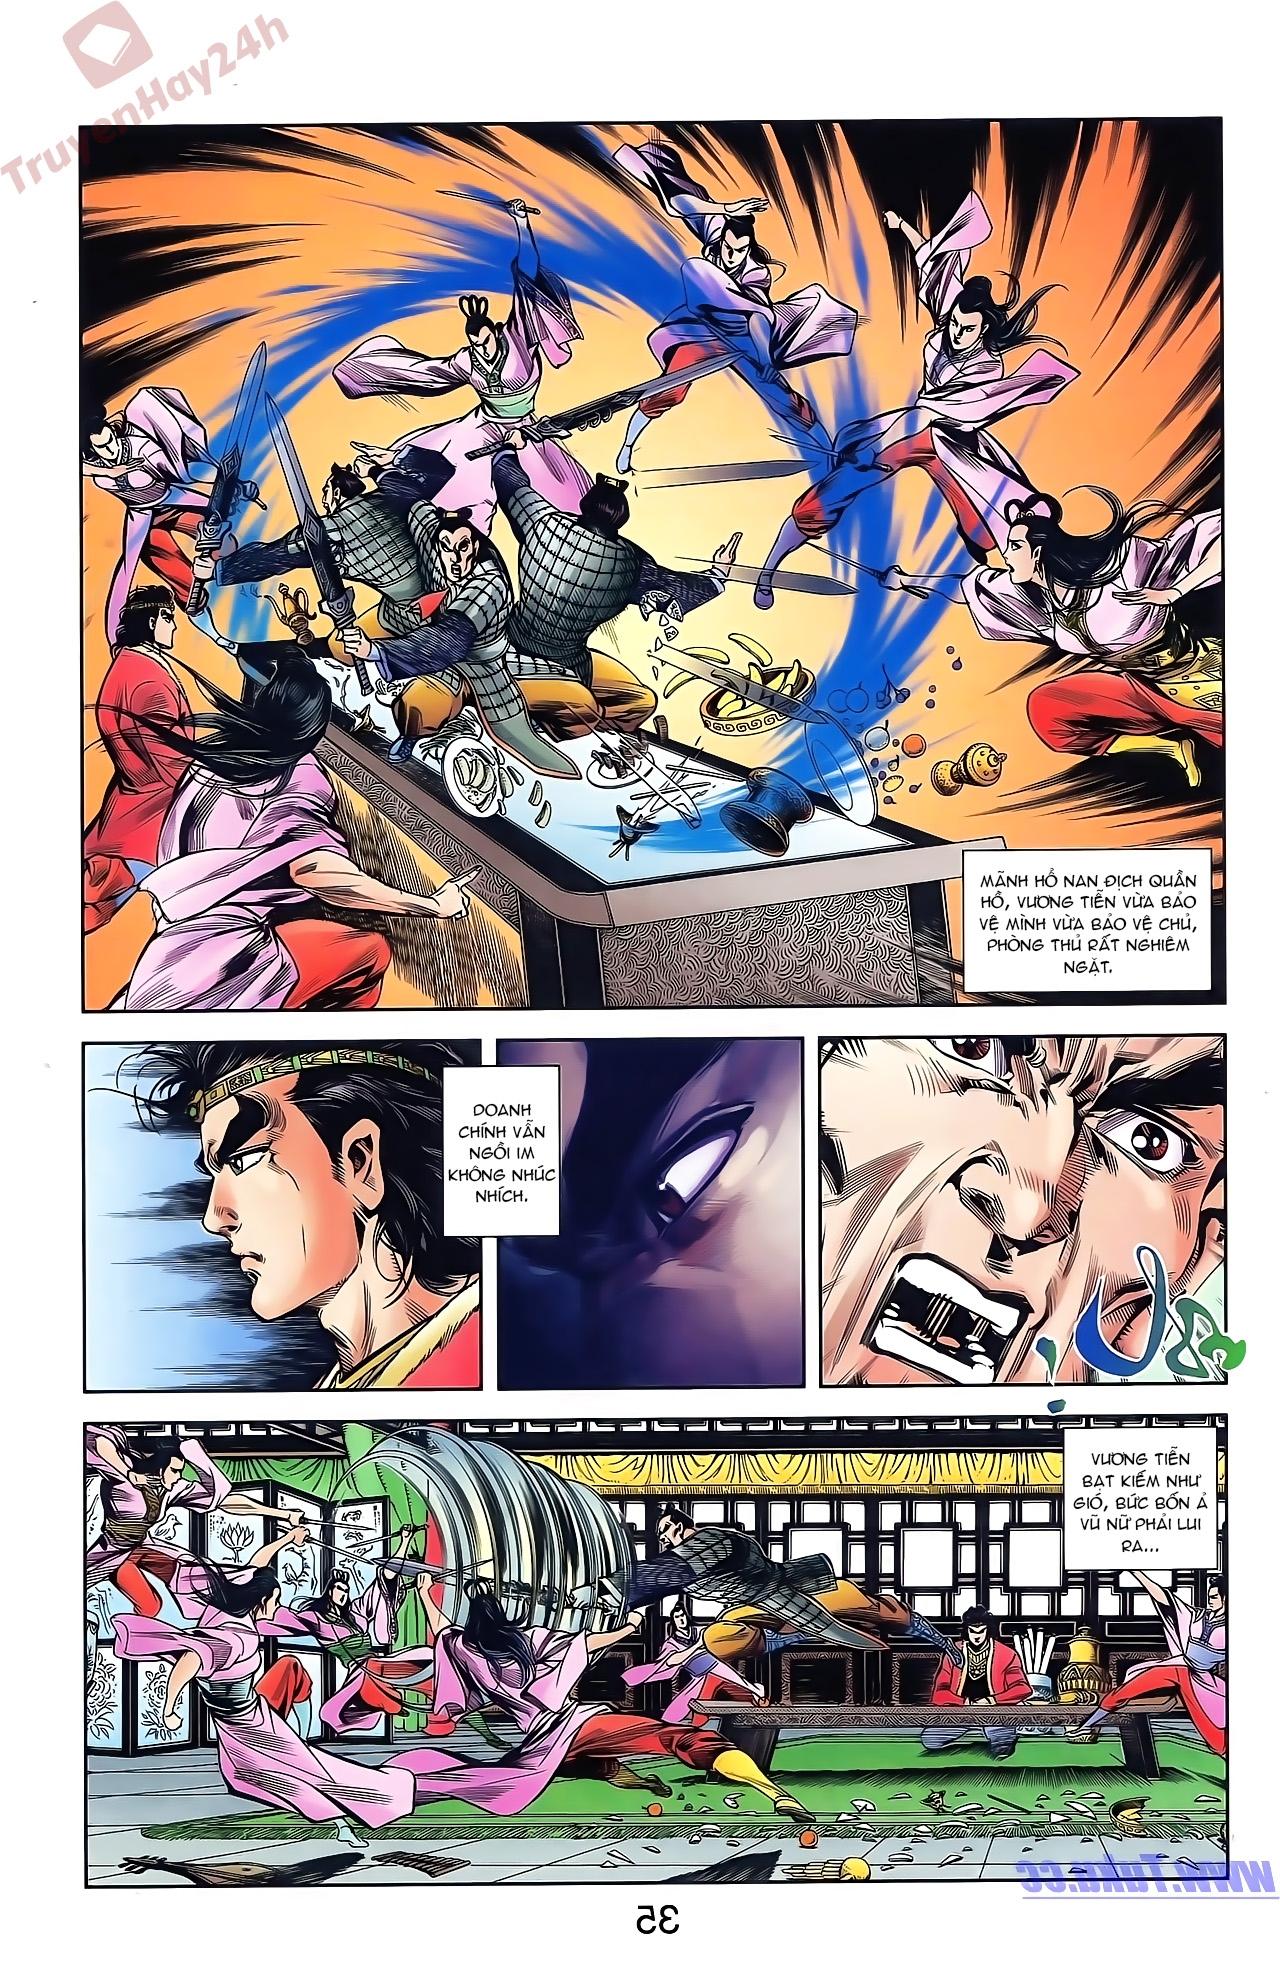 Tần Vương Doanh Chính chapter 43 trang 7